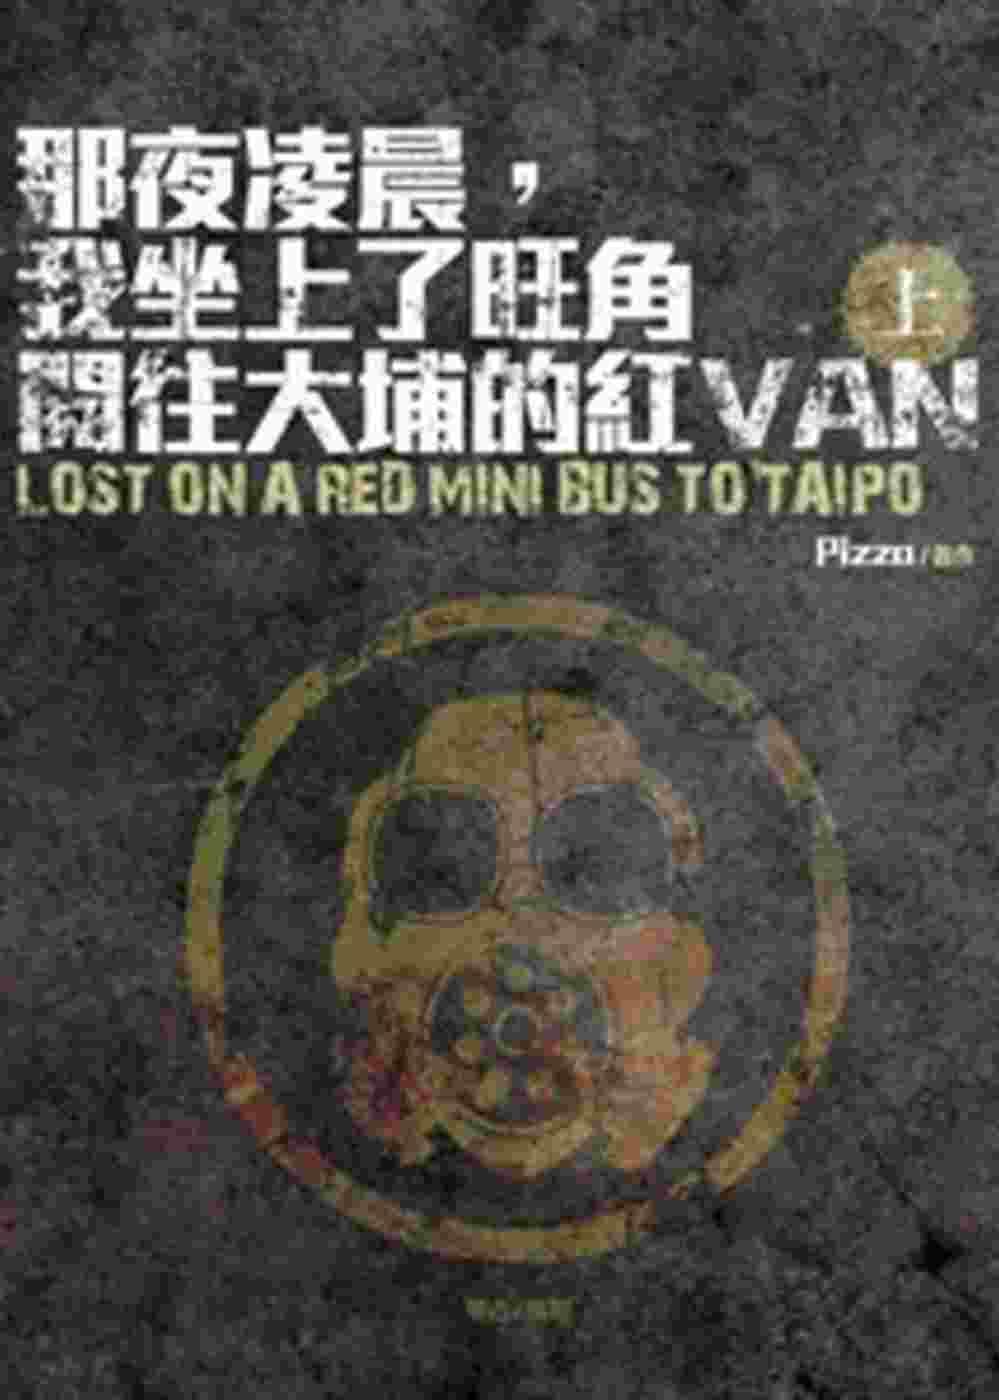 那夜凌晨,我坐上了旺角開往大埔的紅VAN (上)